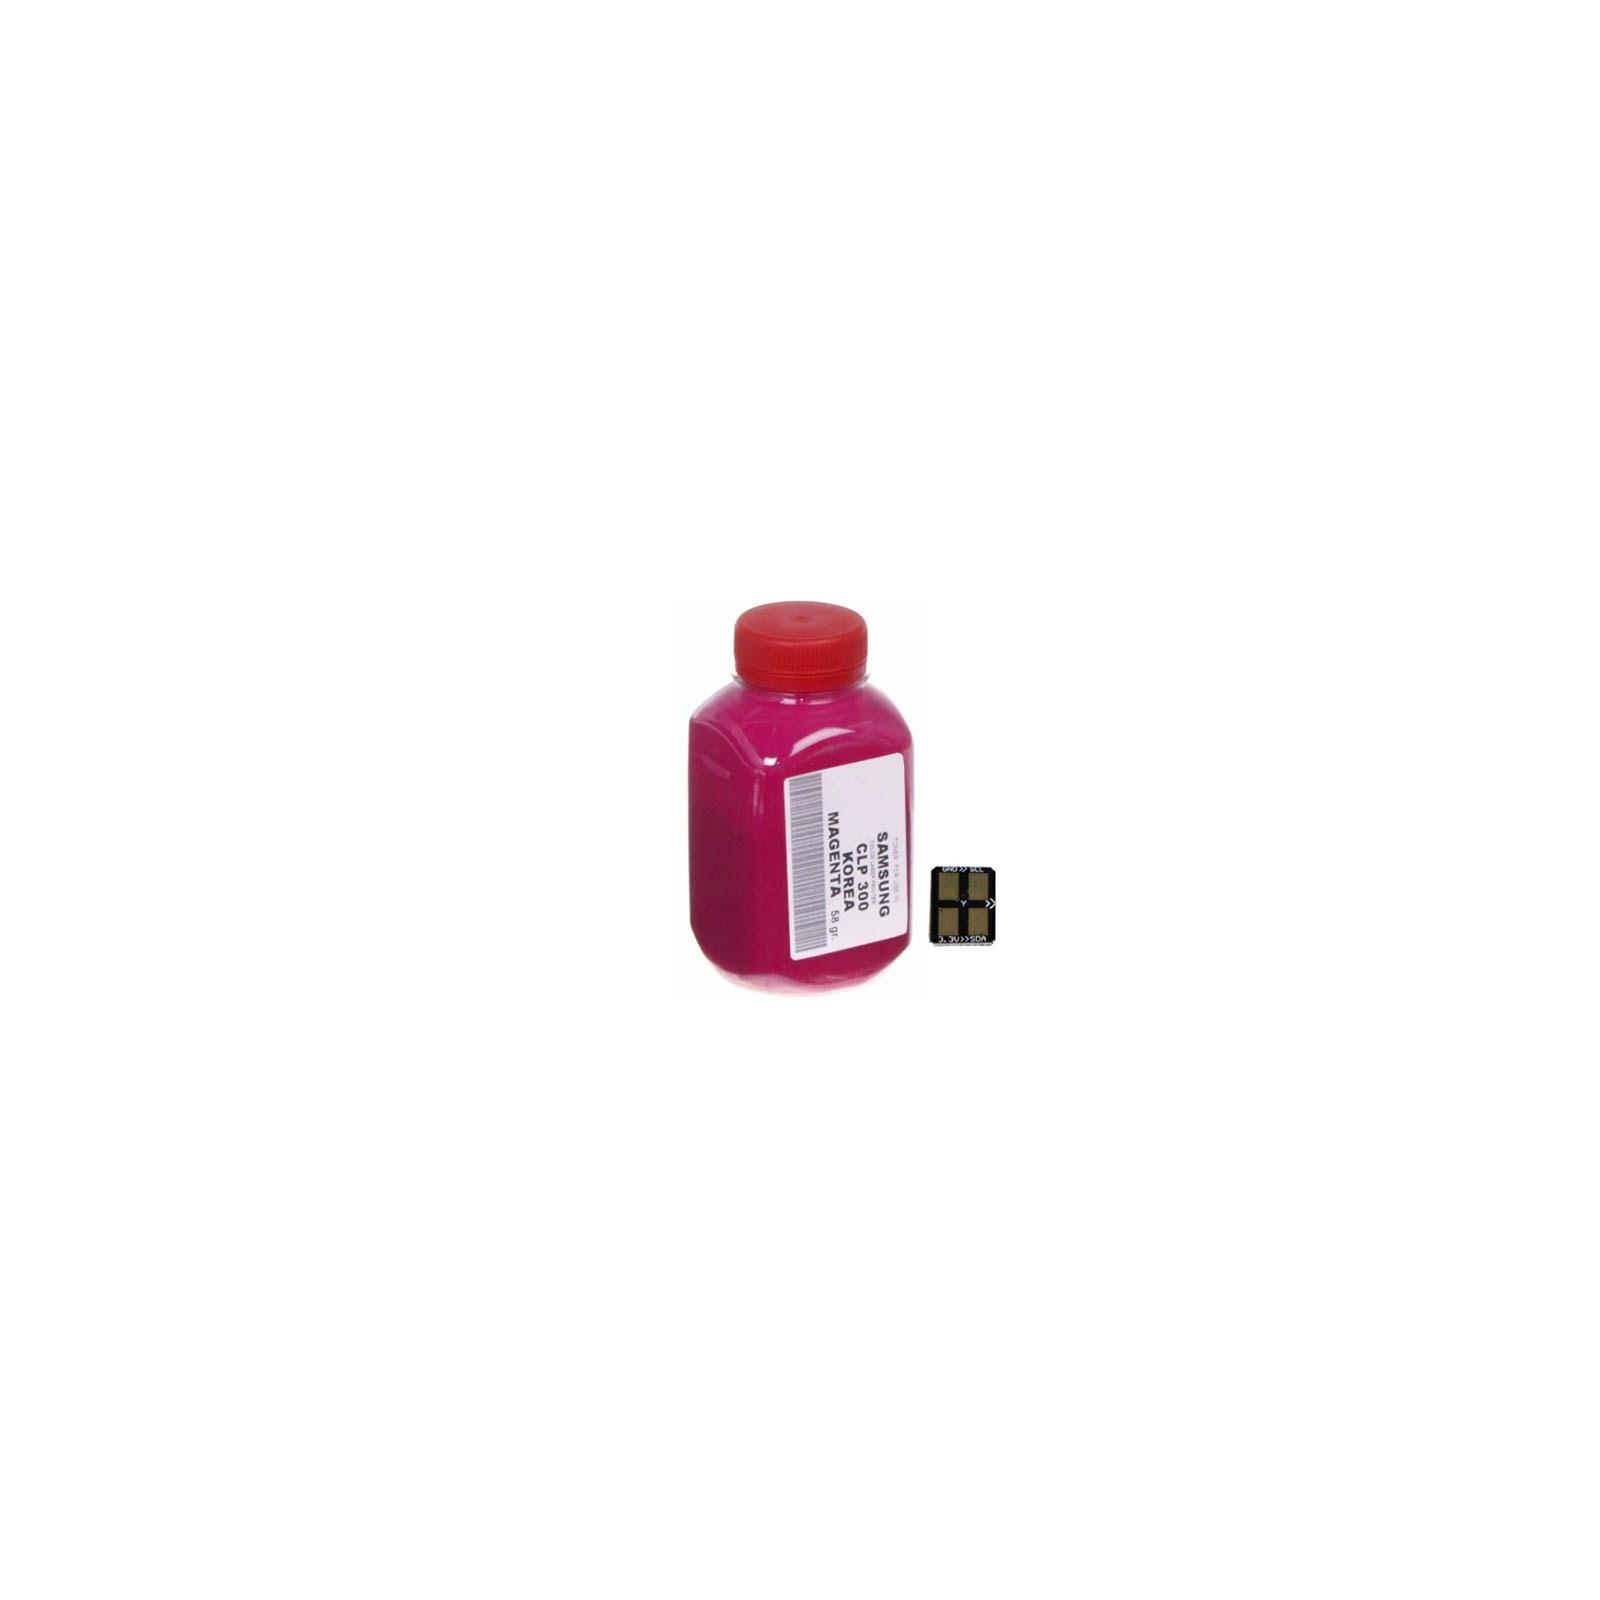 Тонер SAMSUNG CLP-320/325 Magenta+chip AHK (1500232)